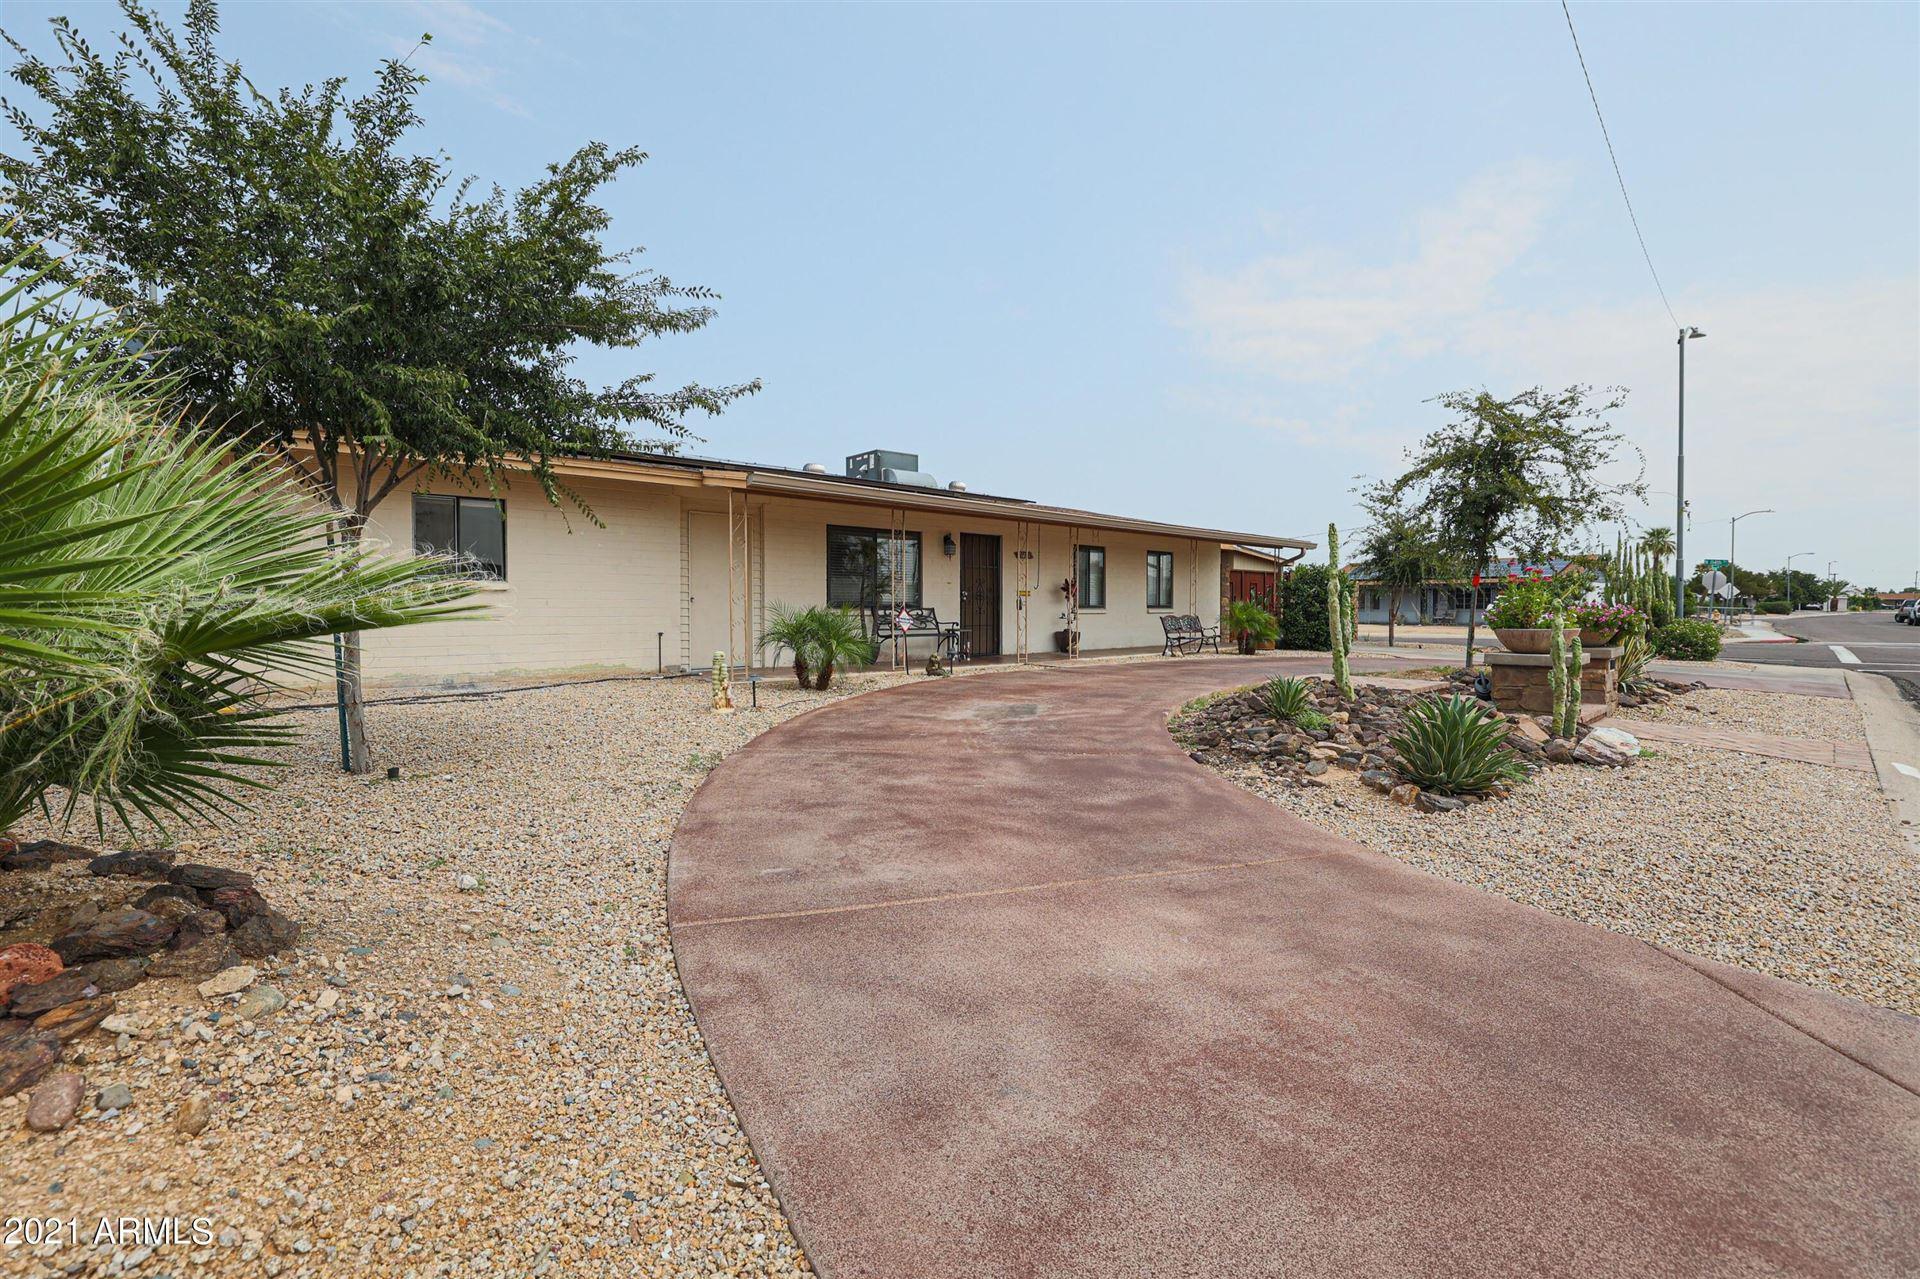 Photo of 11404 W KANSAS Avenue, Youngtown, AZ 85363 (MLS # 6281845)